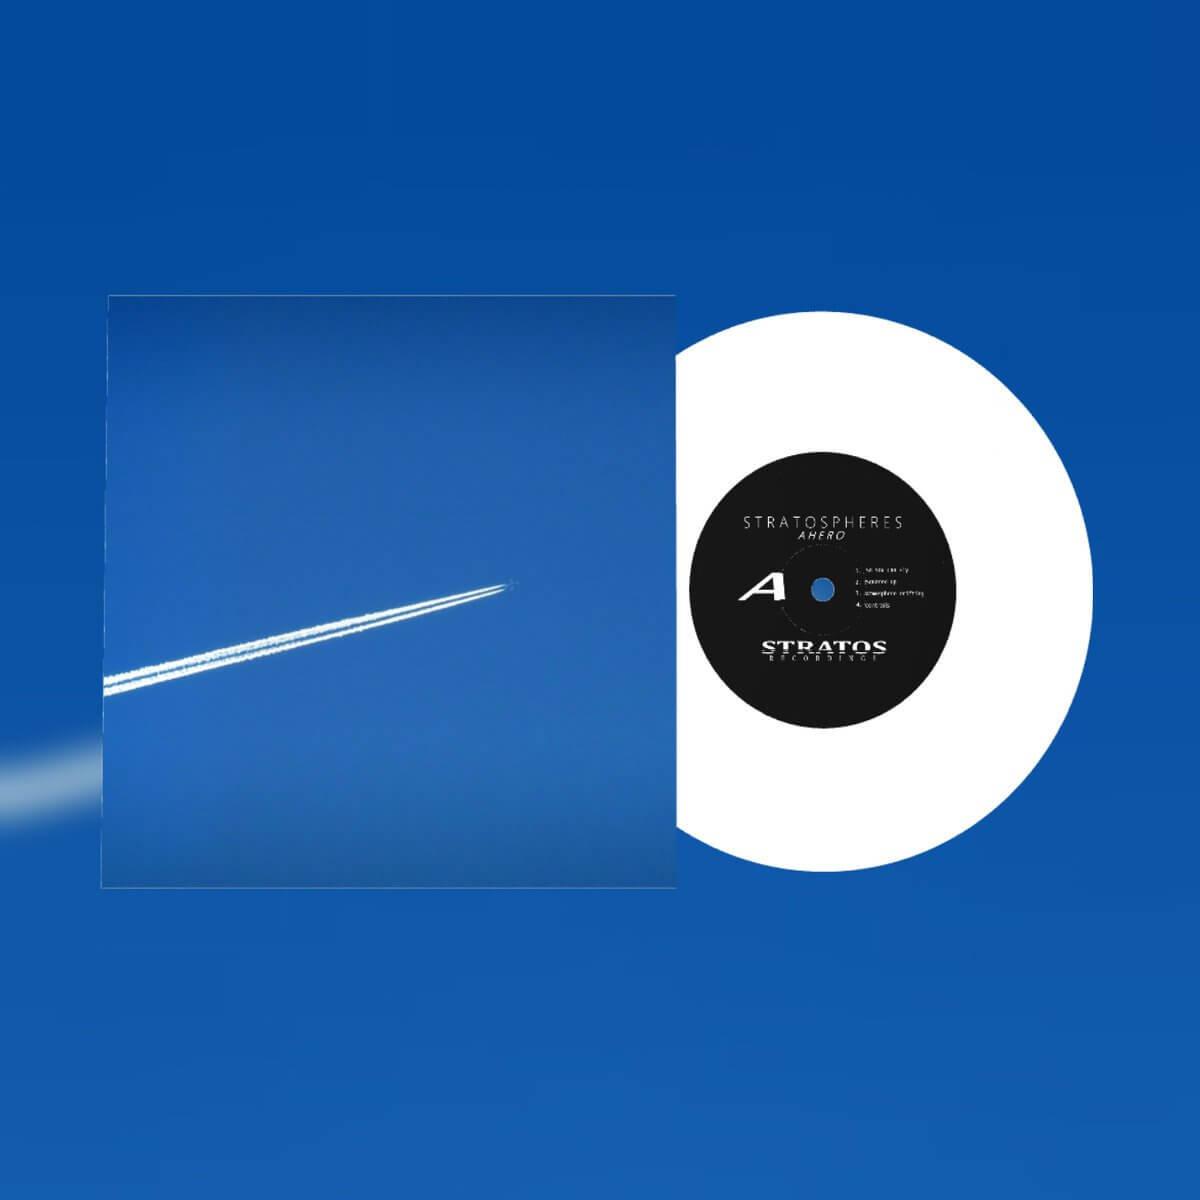 Stratospheres by Ahero. (Vinyl)